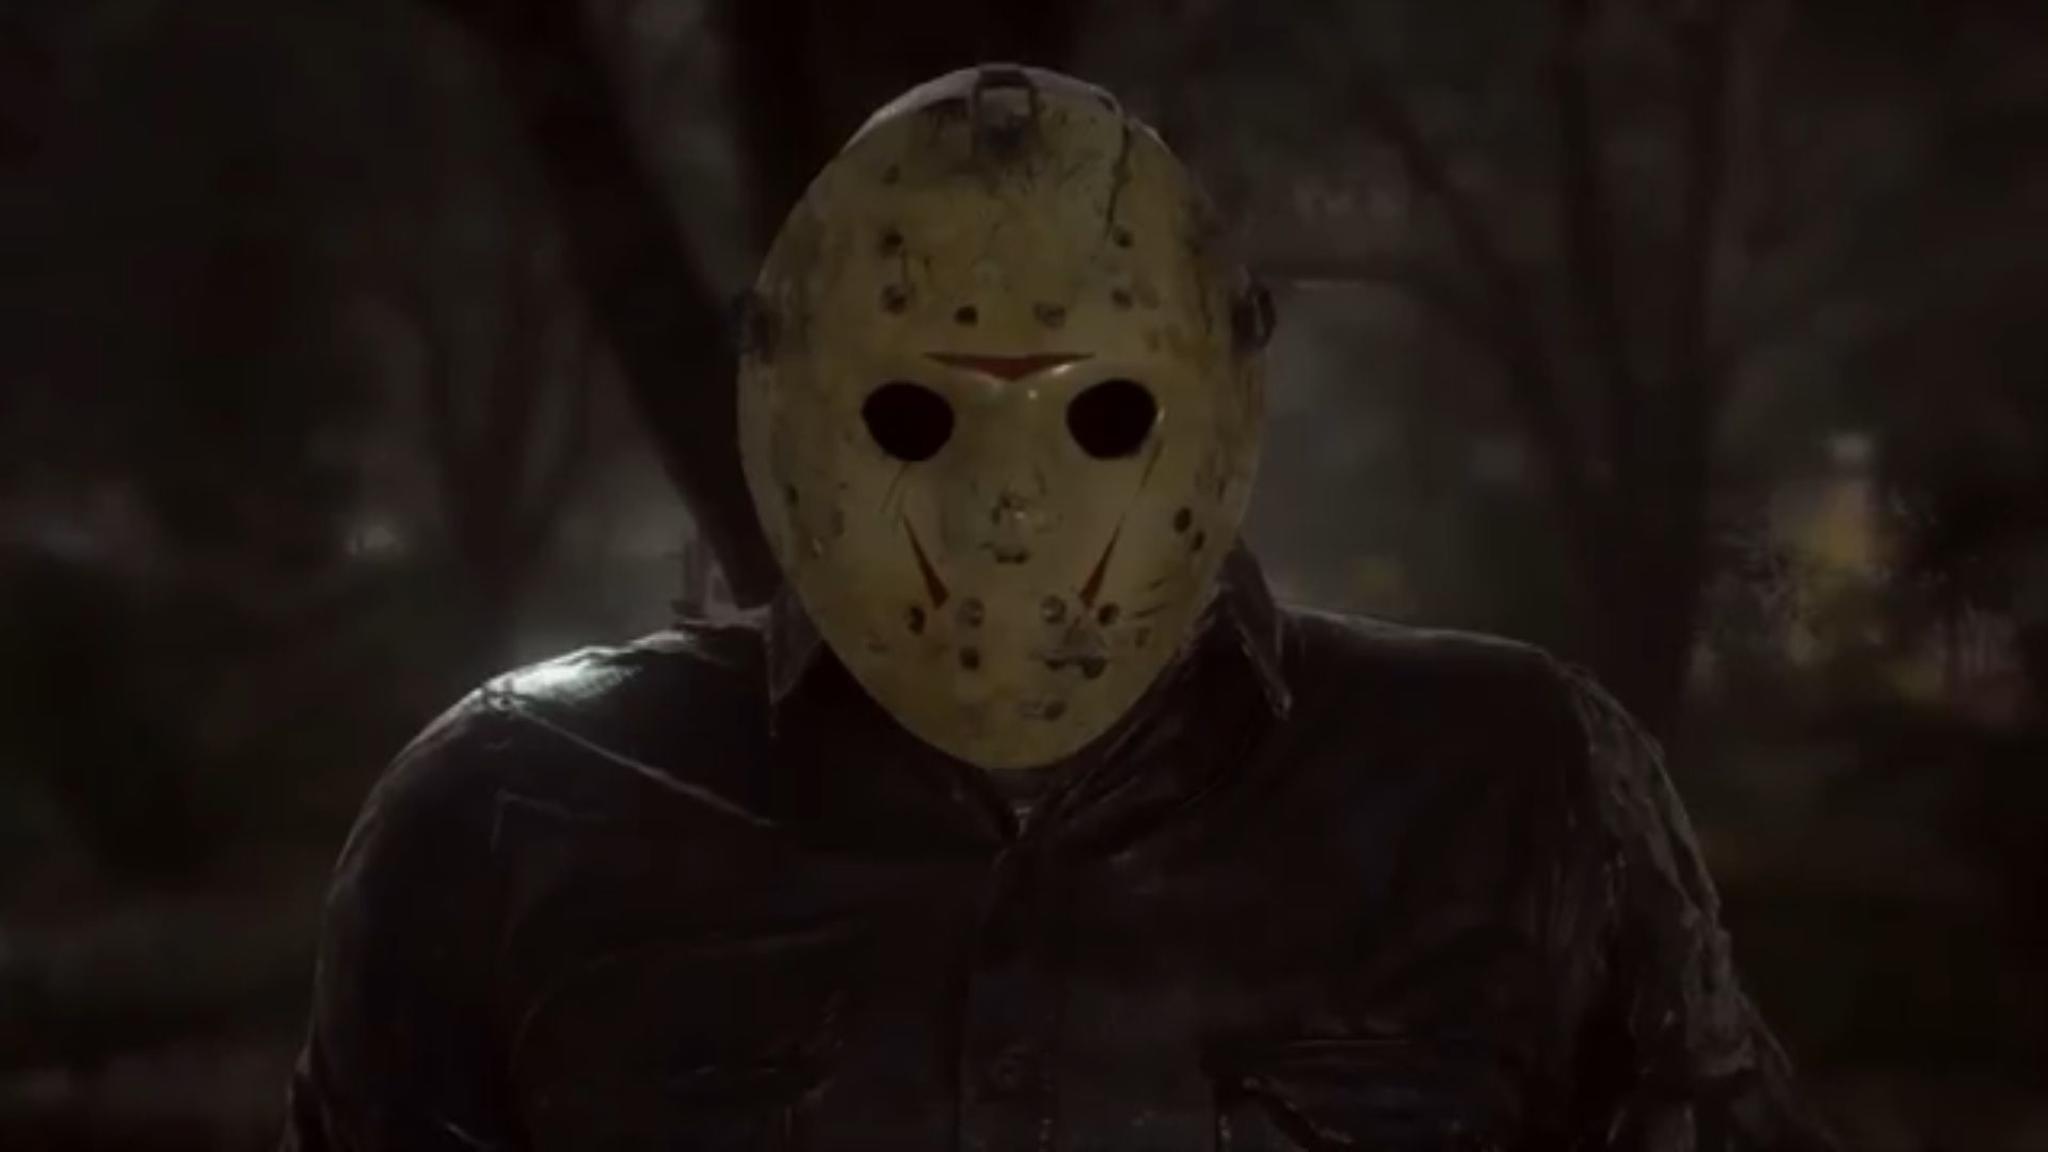 Ein Gesicht, das nur eine Mutter lieben kann: Schon ganz gut, dass Jason Voorhees (fast) immer eine Eishockey-Maske trägt.